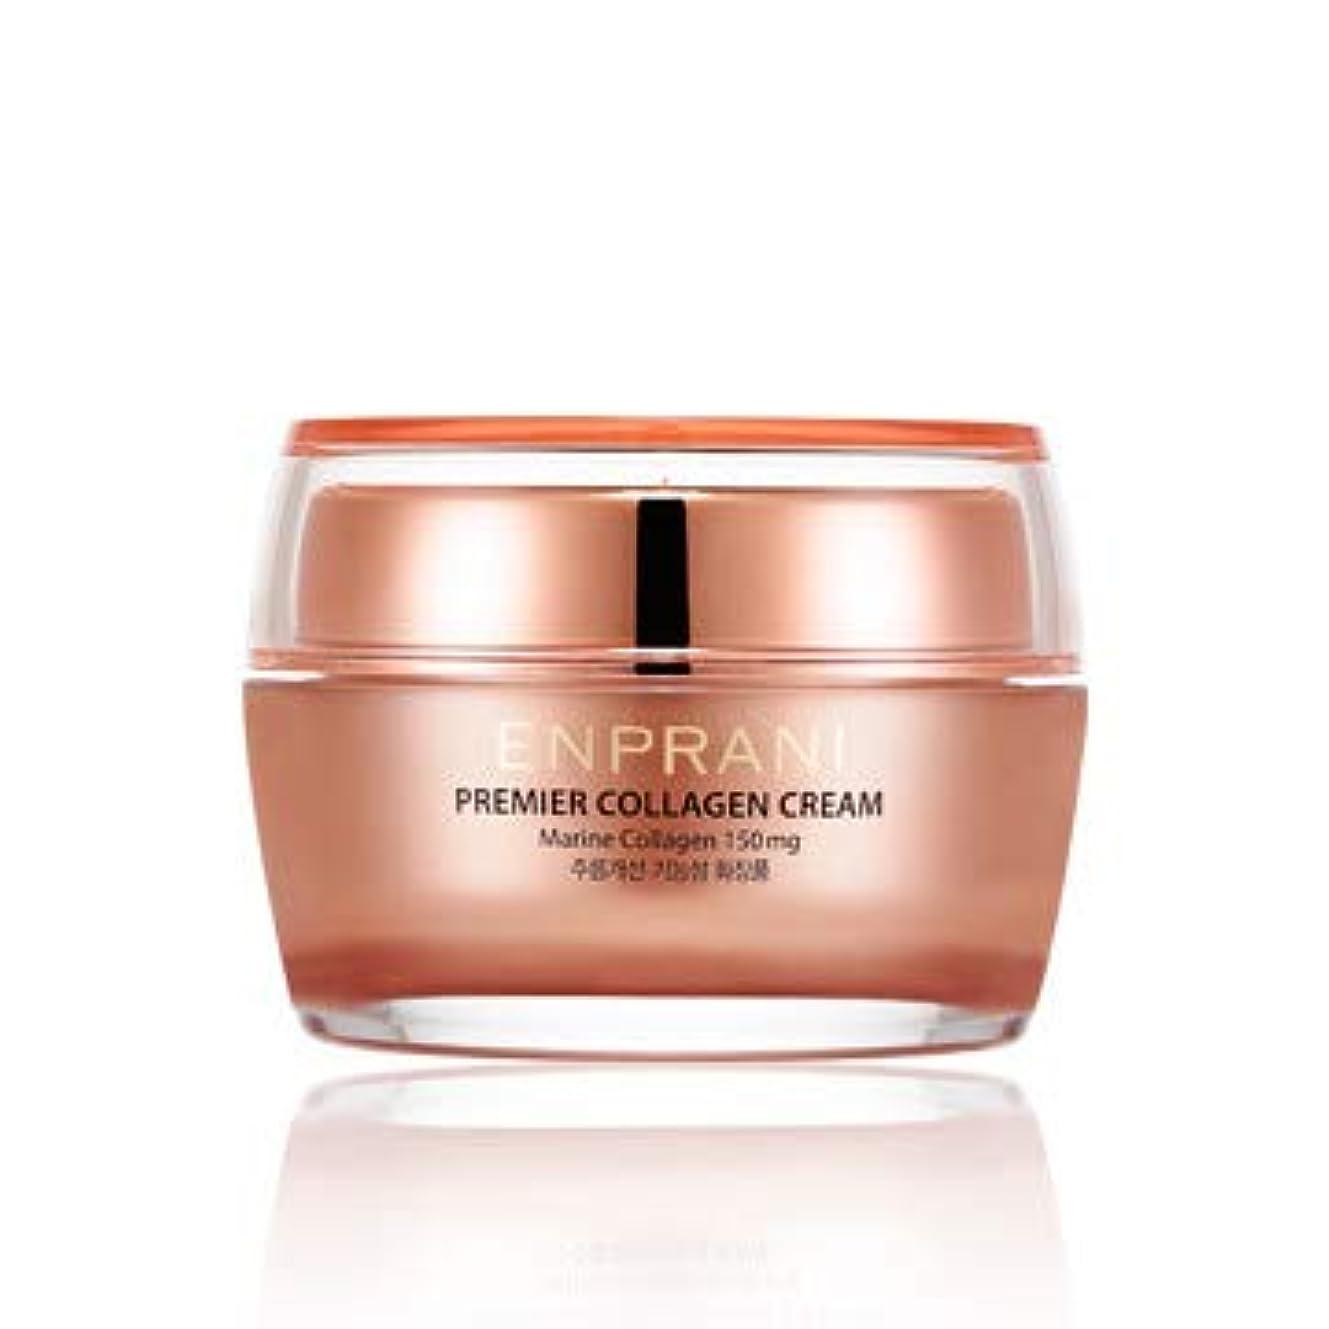 グレートオーク土地製油所エンプラニ プレミア コラーゲン クリーム 50ml / ENPRANI Premier Collagen Cream 50ml [並行輸入品]